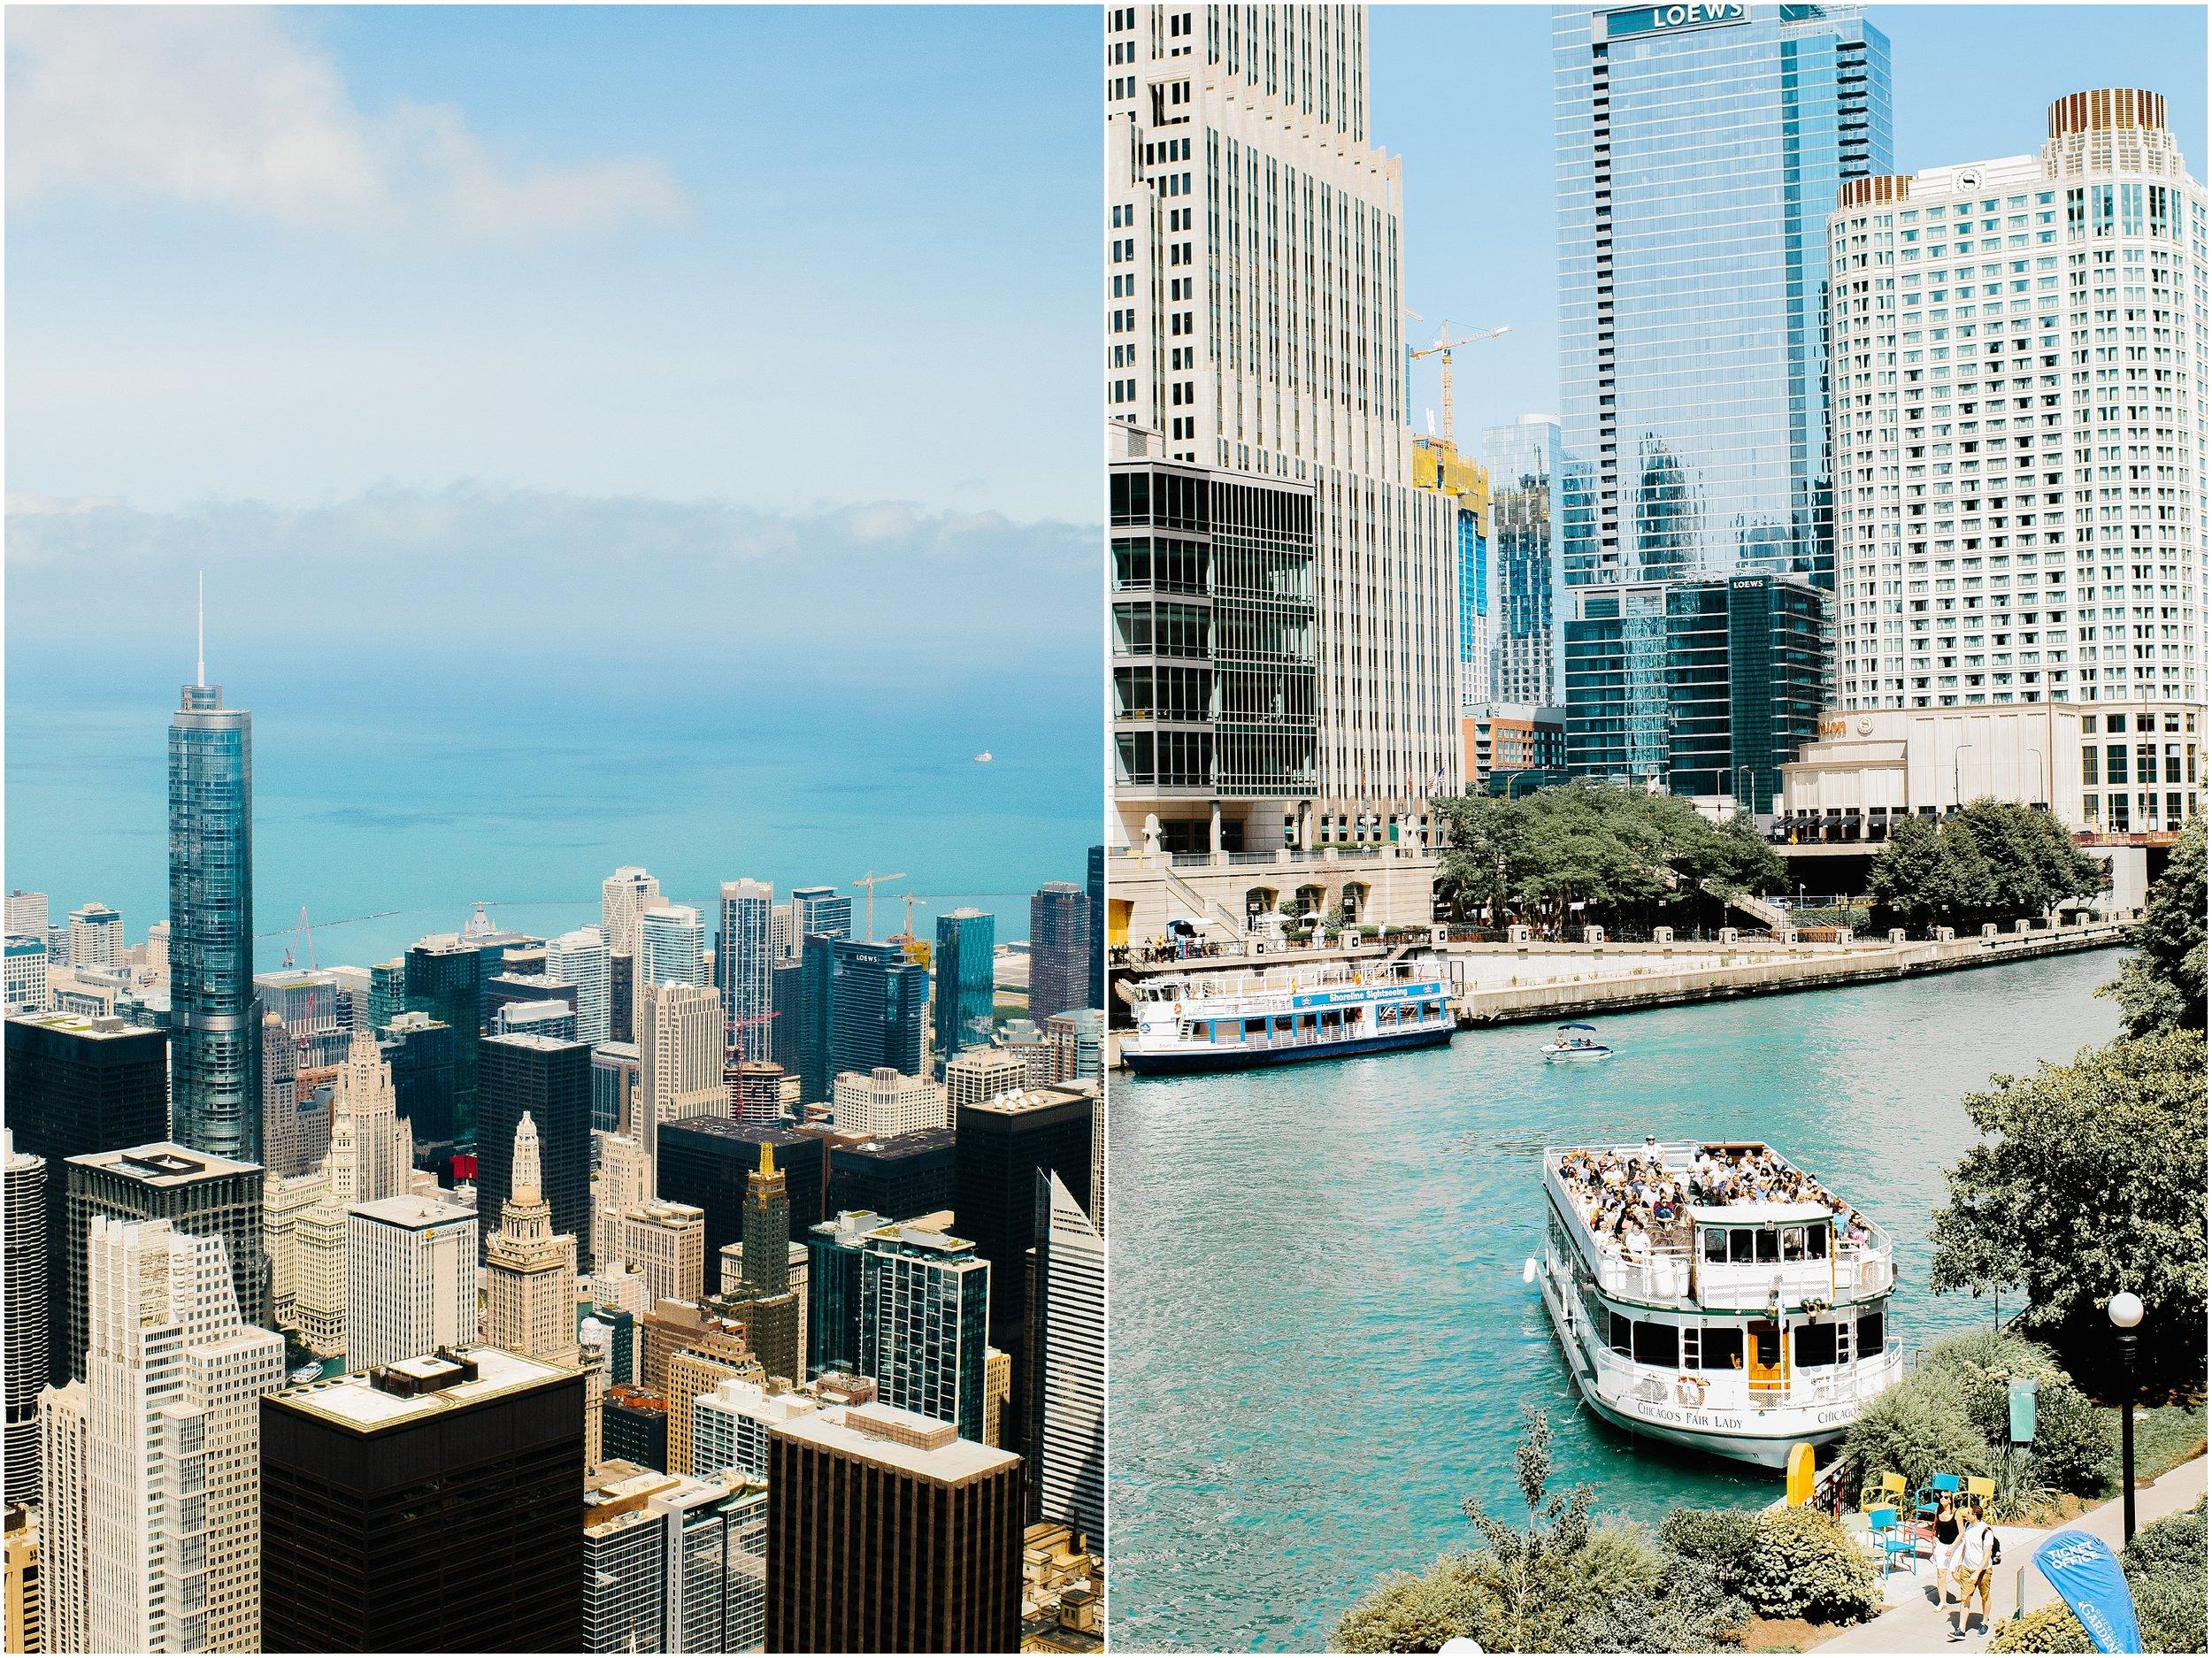 chicago_travel_guide_0468.jpg